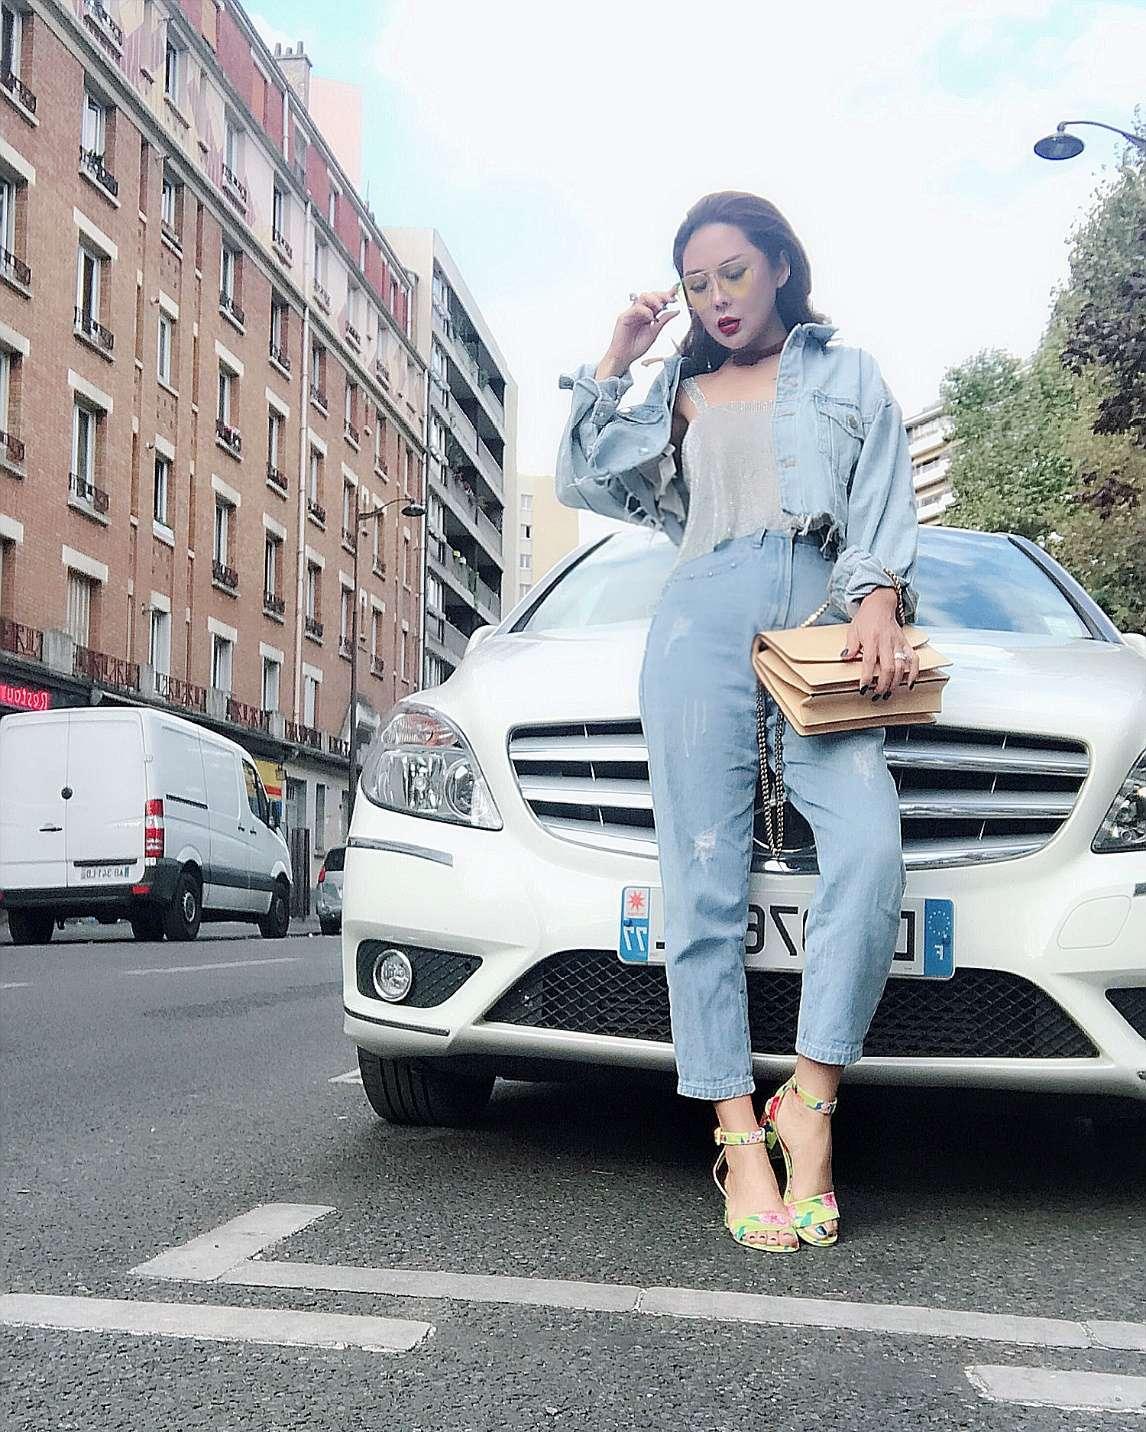 Đồ denim cũng là items không thể thiếu trong tủ đồ của Tina Lê. Một chiếc áo khoác denim, mix cùng áo 2 dây và quần baggy góp phần mang đến một chút bụi bặm và mạnh mẽ cho vẻ ngoài đầy ngọt ngào của cô.